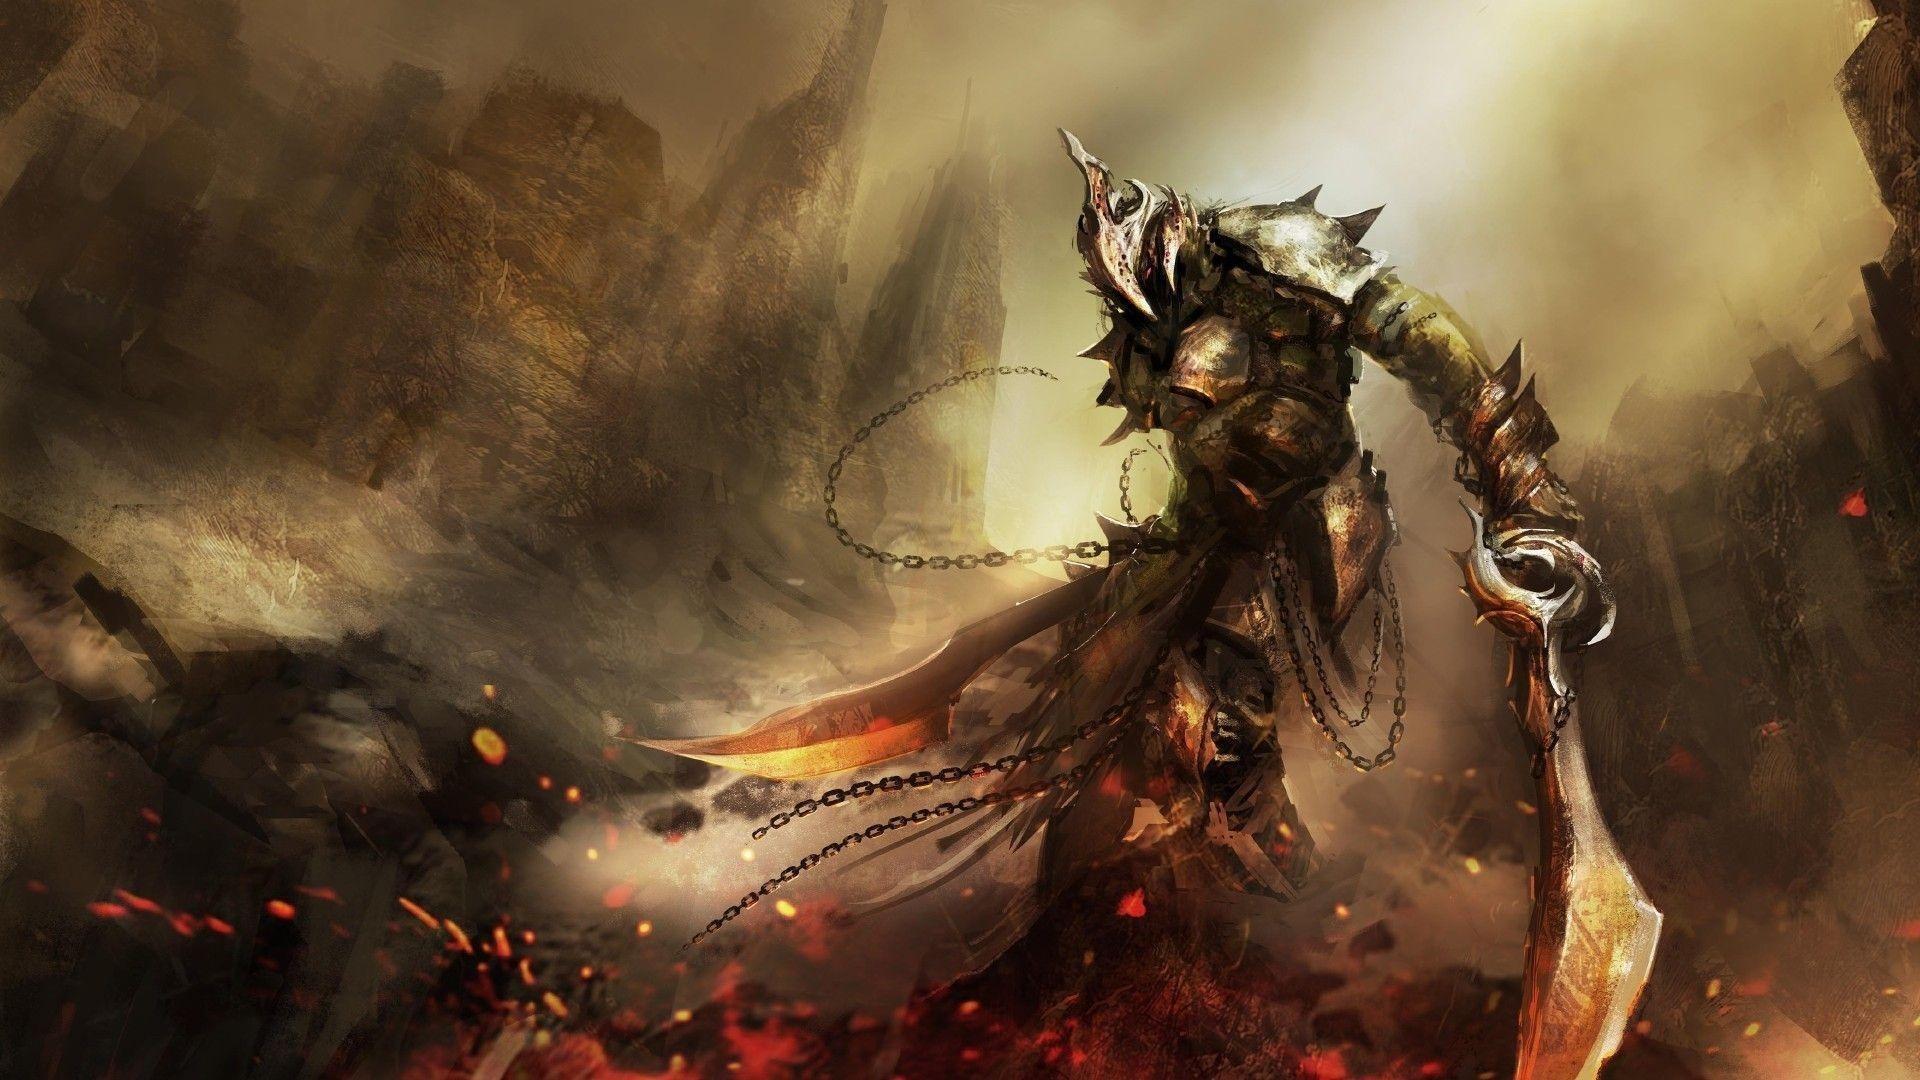 Dark Souls 3 1080p wallpaper